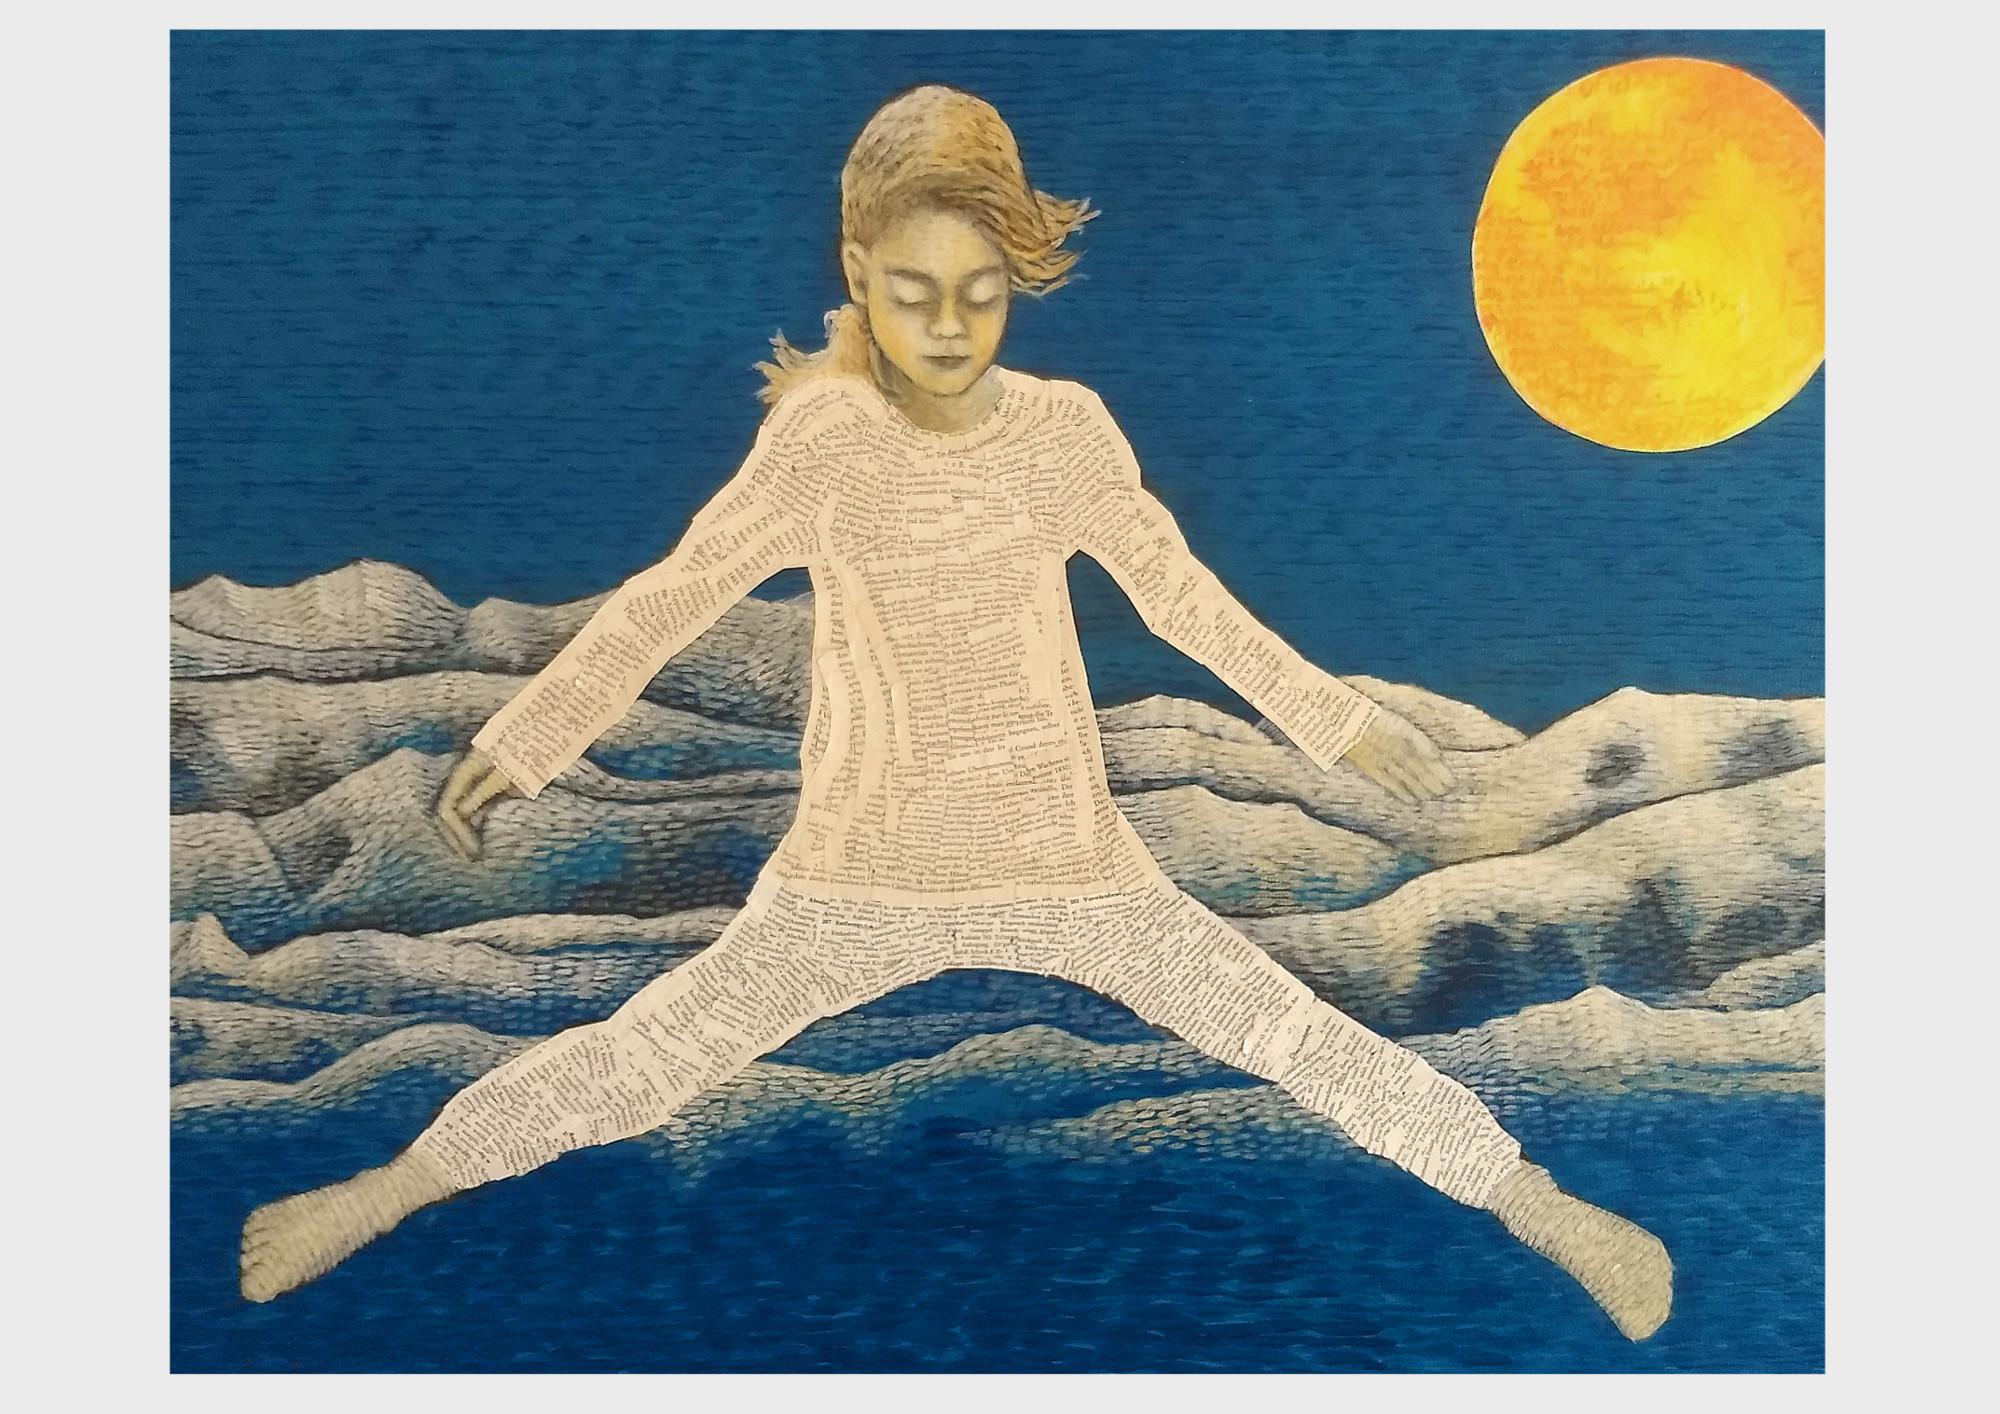 Traum_sprung. Ein Mädchen springt ins Blaue. In ihren Träumen aus Worten und Papier kann sie weit über alle blauen Berge und türkisenen Horizonte aus Buchseiten fliegen. Collage aus Buchseiten mit Farb Pointilismus.